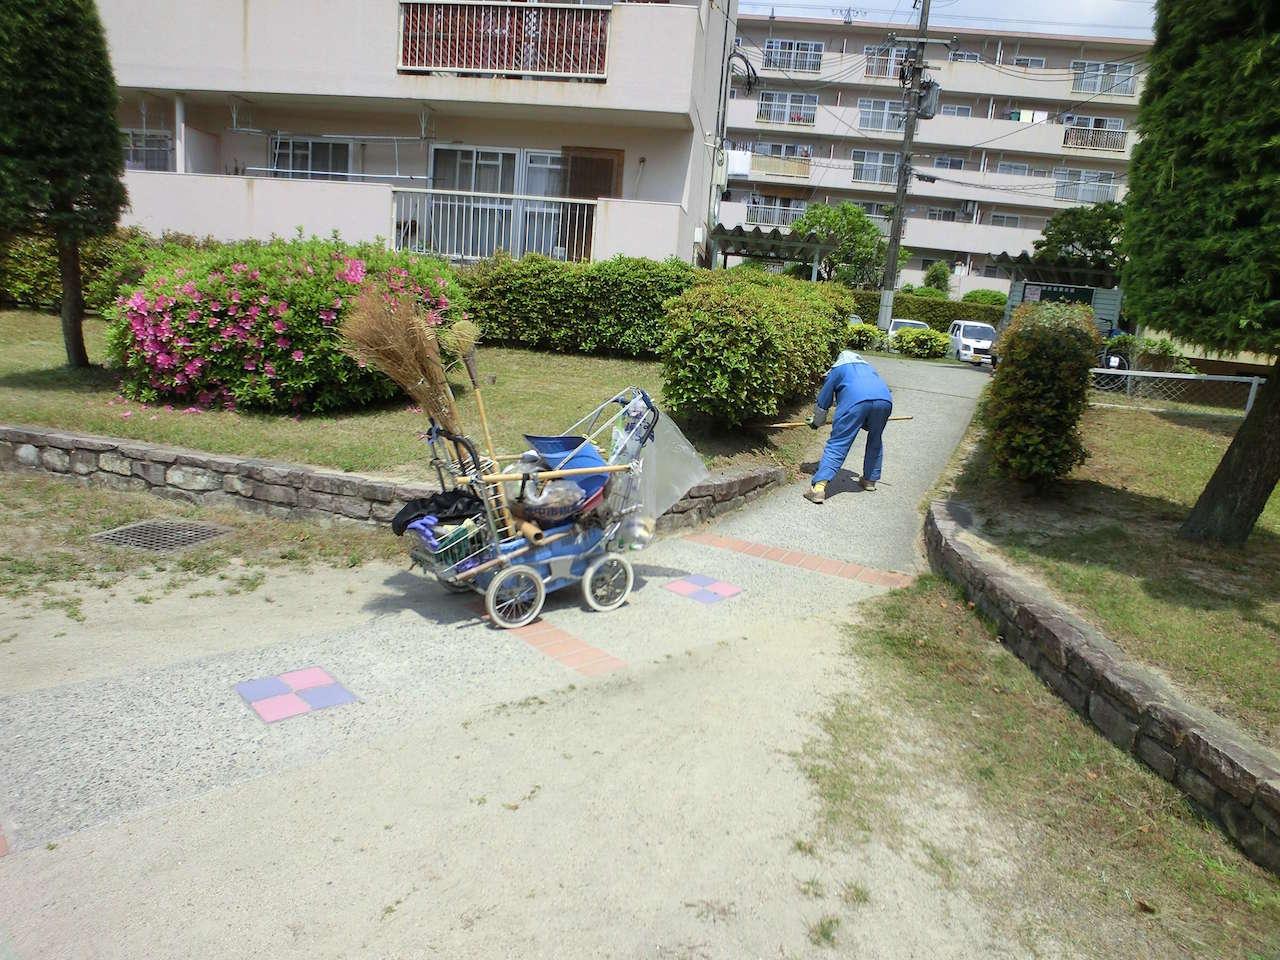 UR都市機構の団地ではほぼ毎日屋外が清掃されている